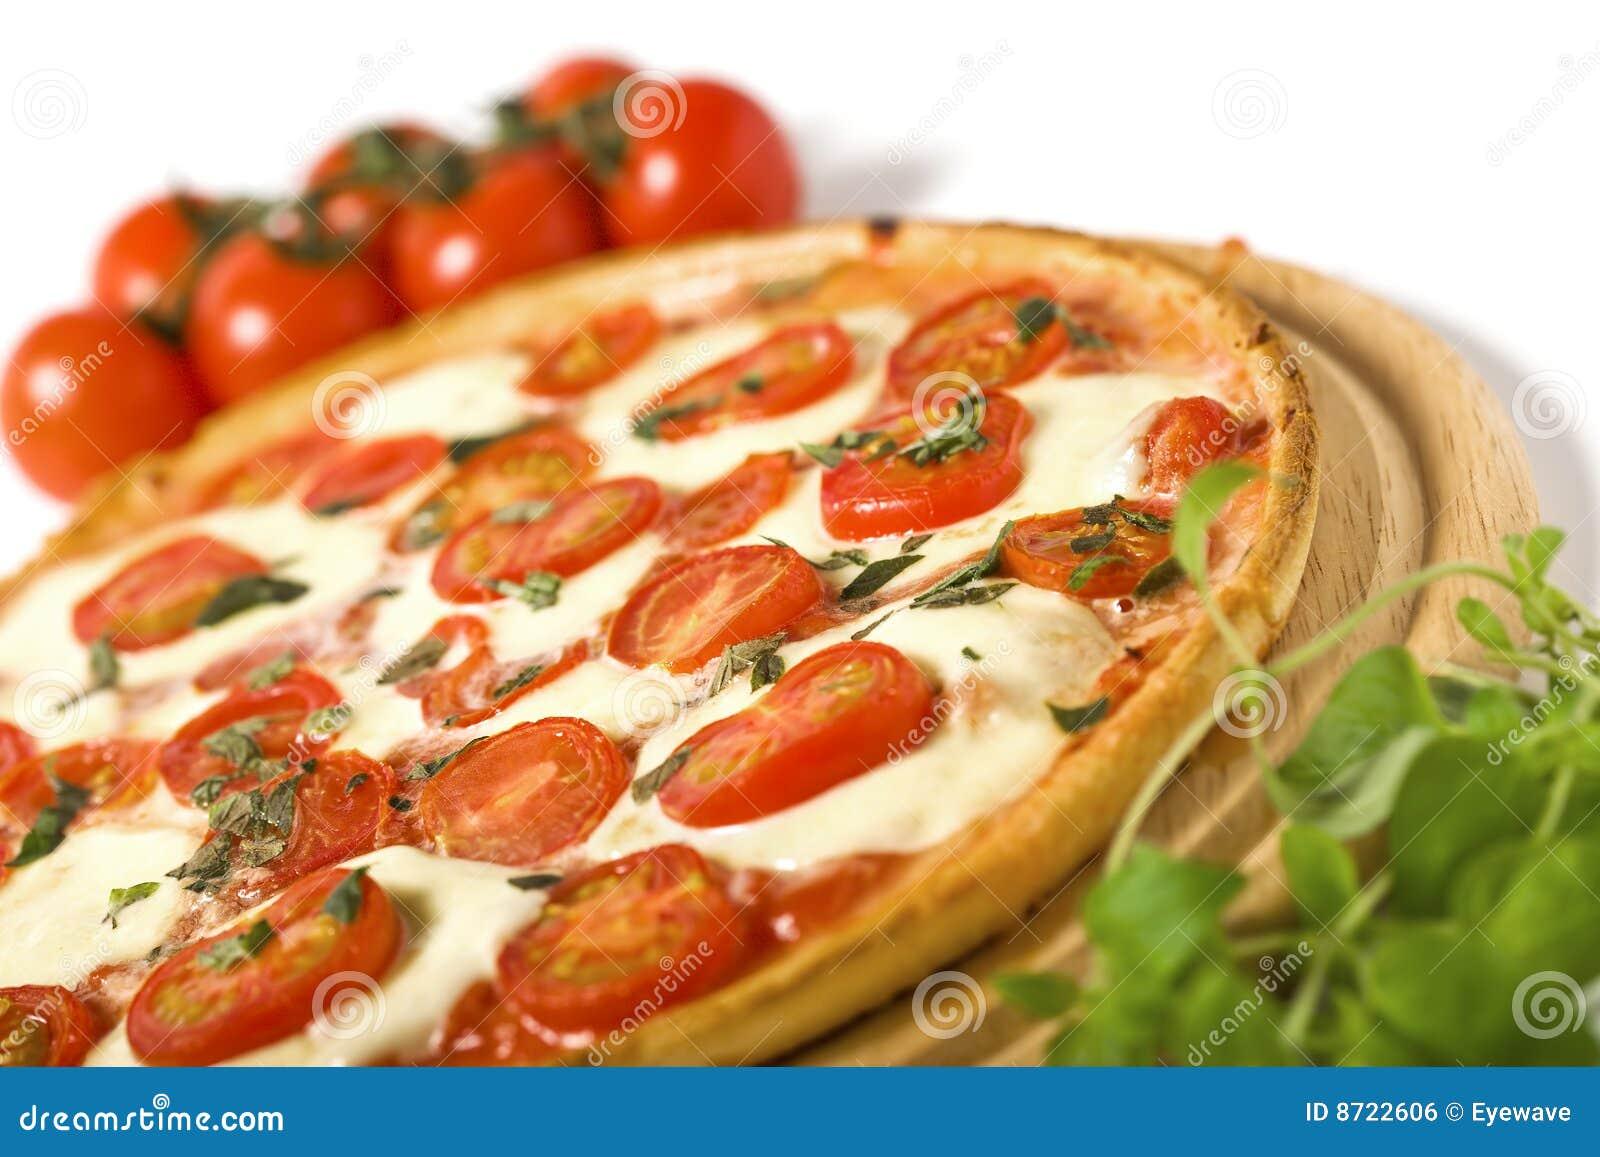 Рассказ доставщика пиццы 16 фотография